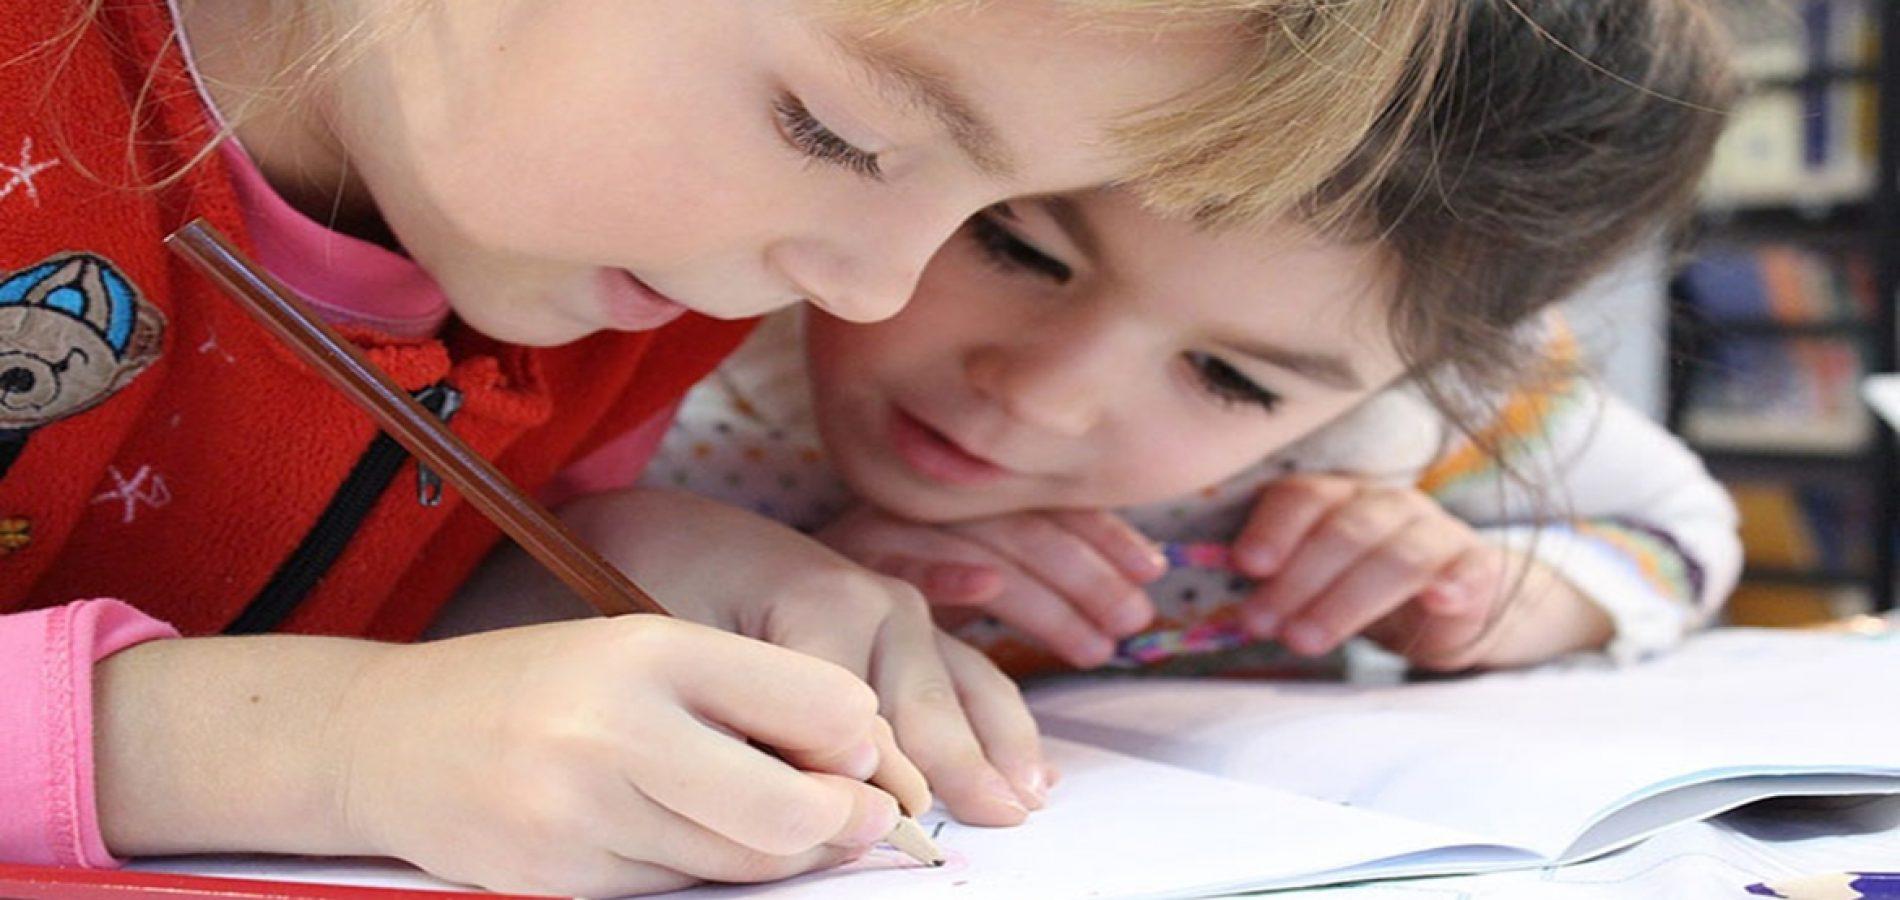 Decreto sobre alfabetização prioriza método fônico